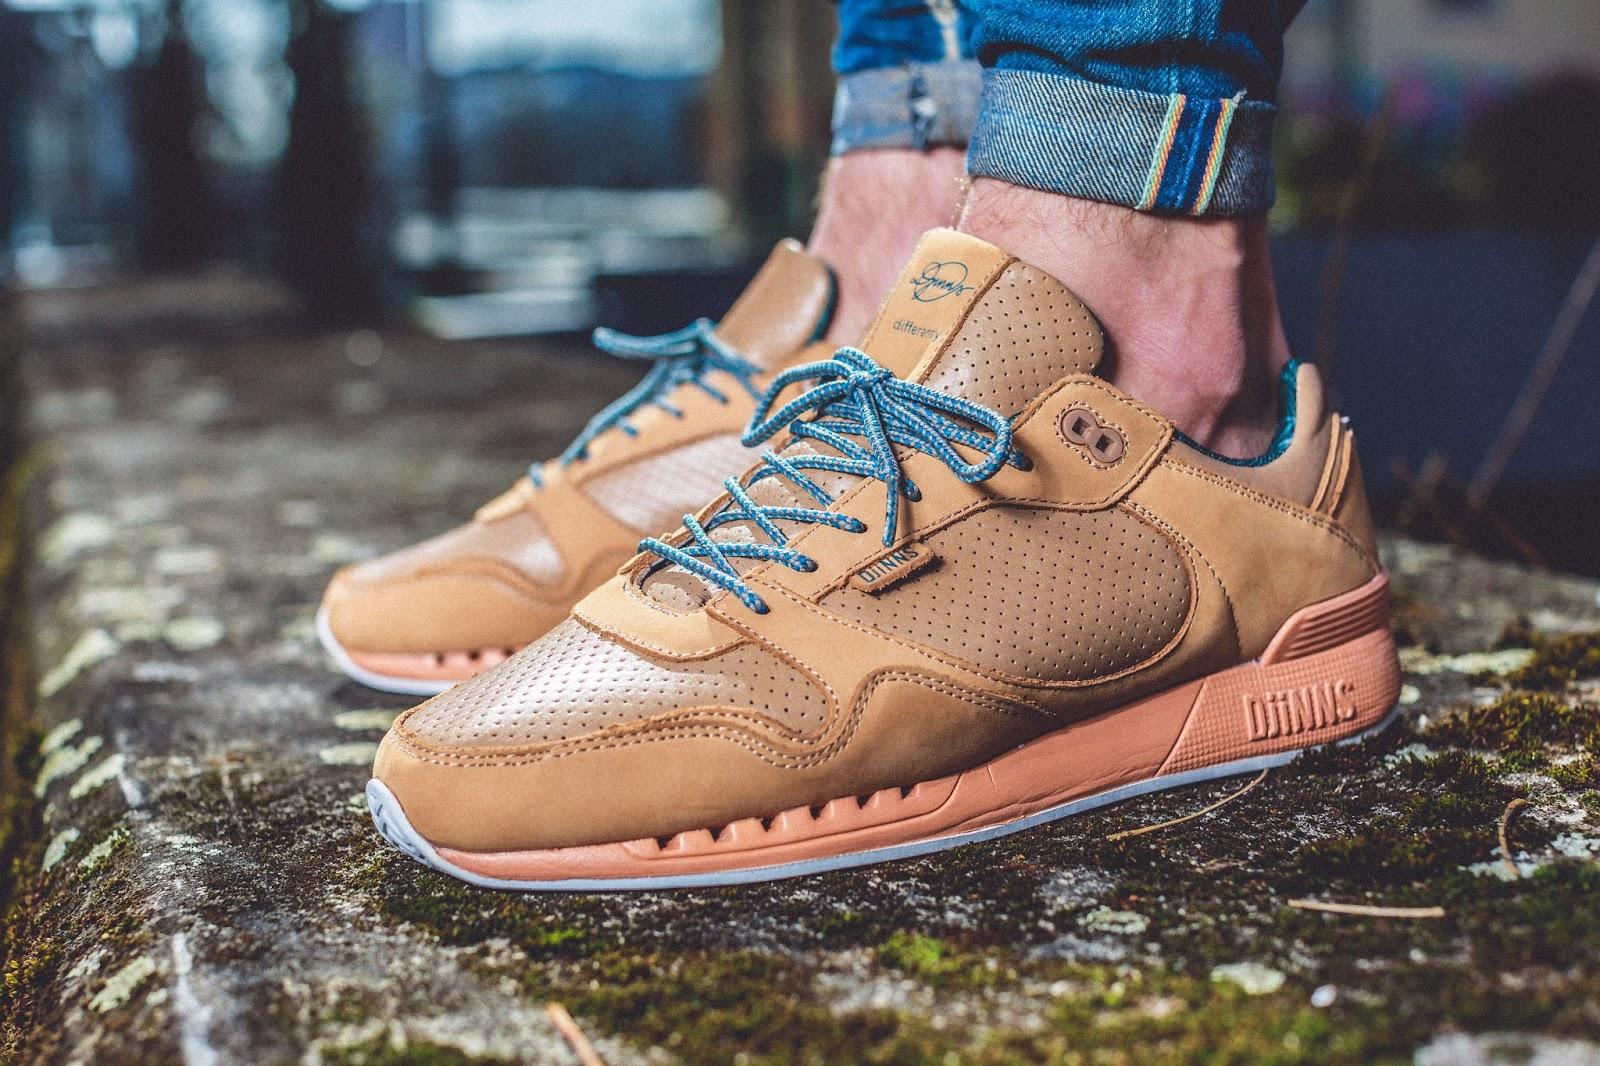 Minimalistischer DJINN´S x DIFFERANTLY Sneaker am Fuß vor einer Waldlandschaft getragen. Man sieht den Sneaker von der Seite